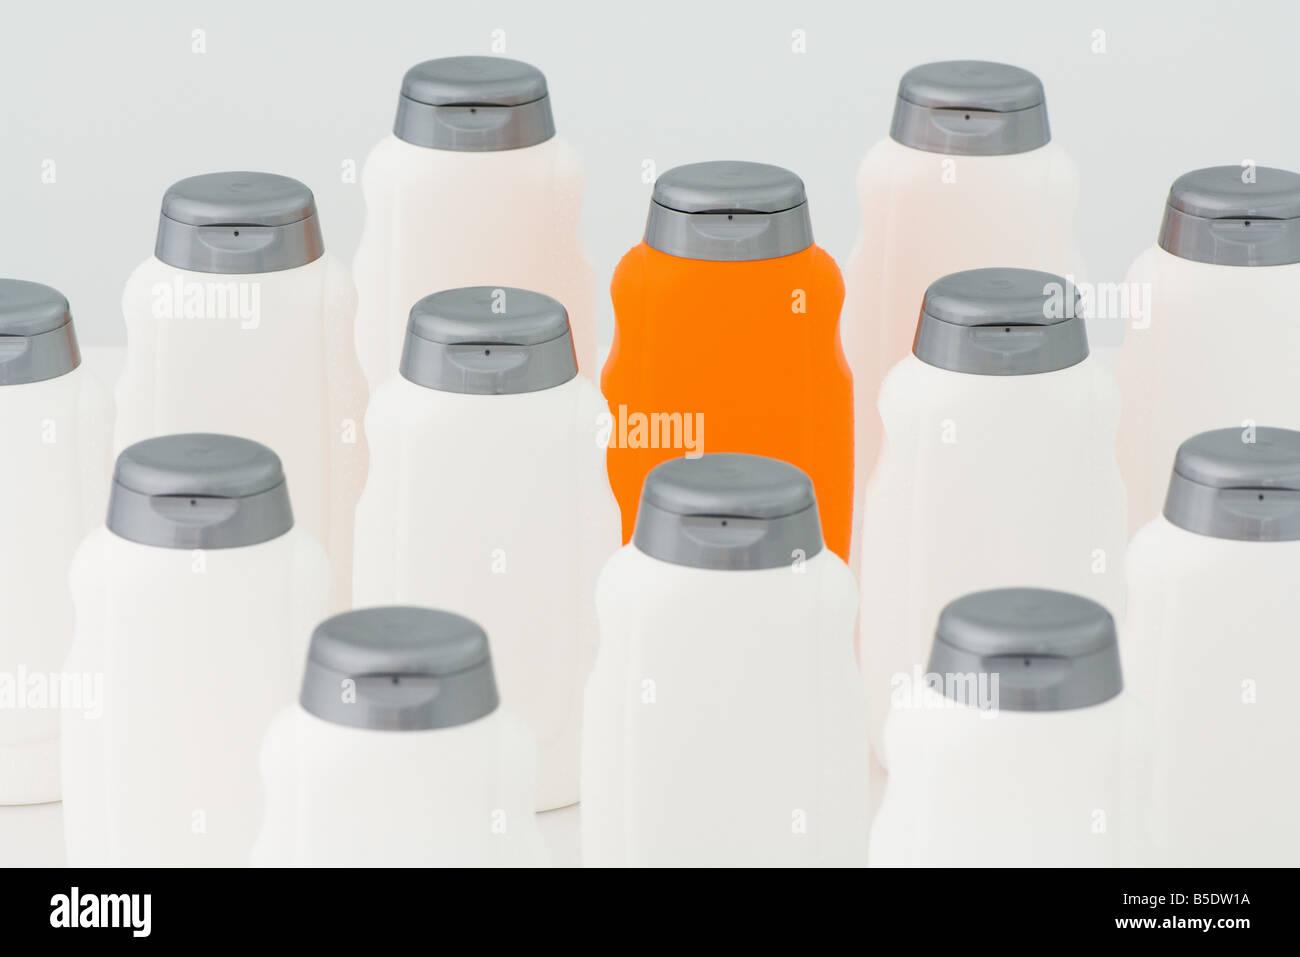 One orange bottle among group of white plastic bottles - Stock Image